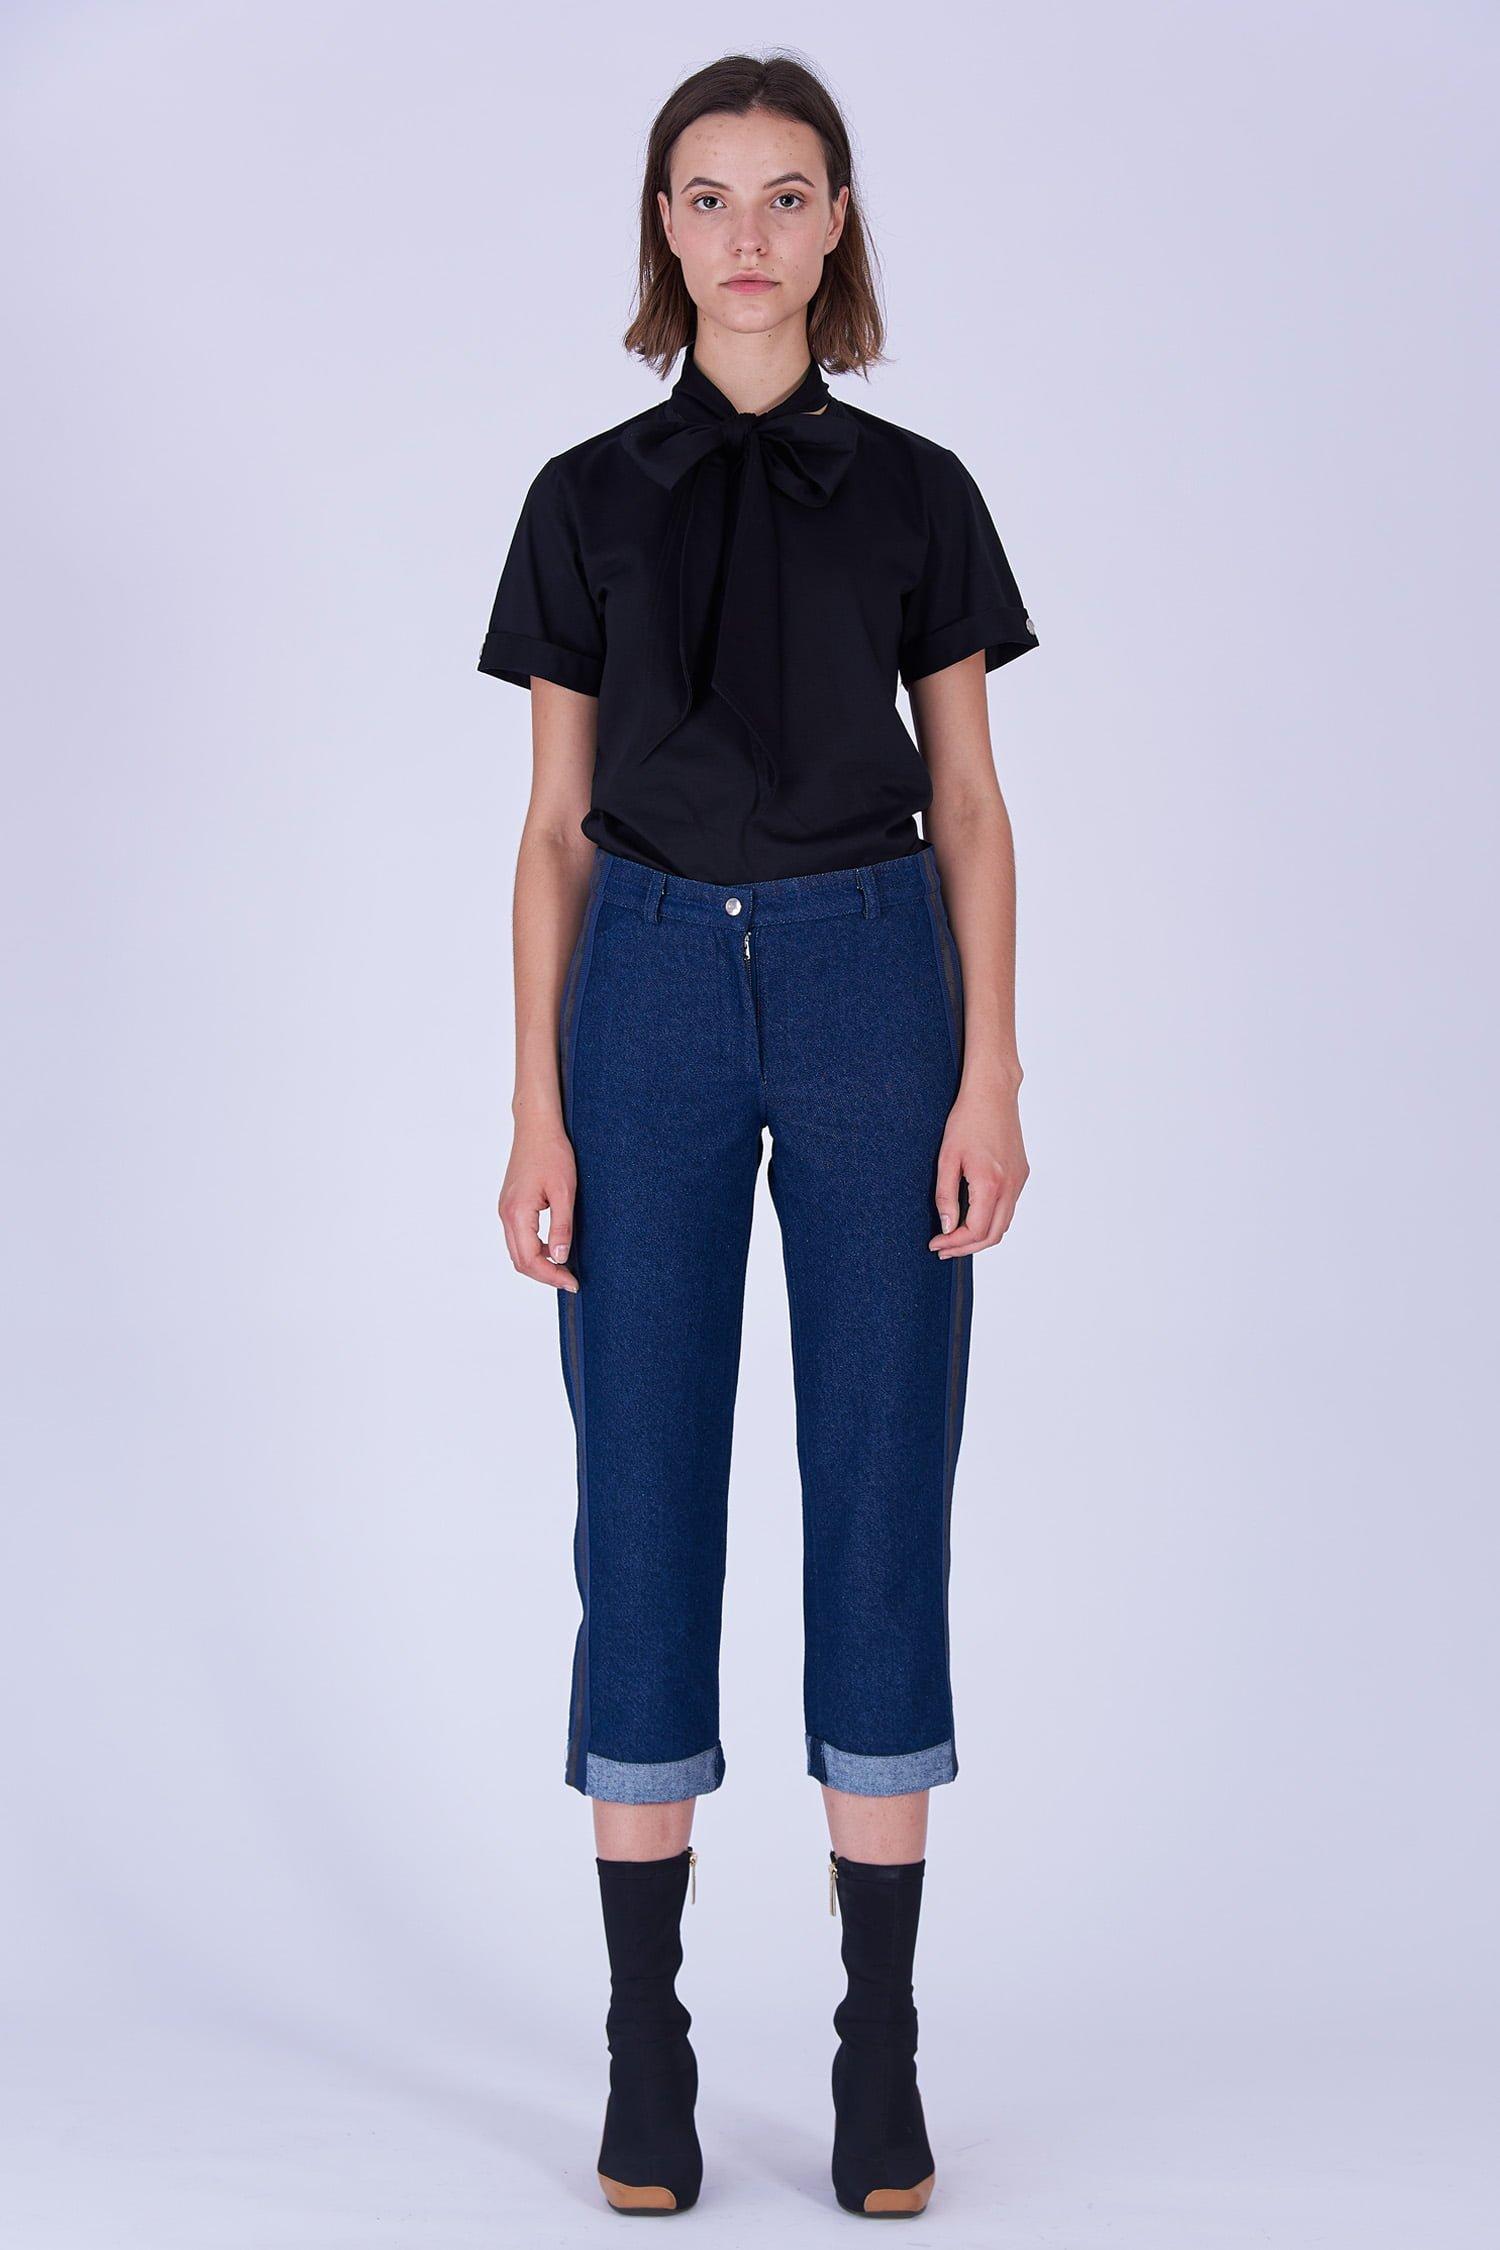 Acephala Fw19 20 Black T Shirt Bowtie Organic Czarny Kokarda Dark Blue Denim Trousers Stripe Niebieskie Jeansy Front 3